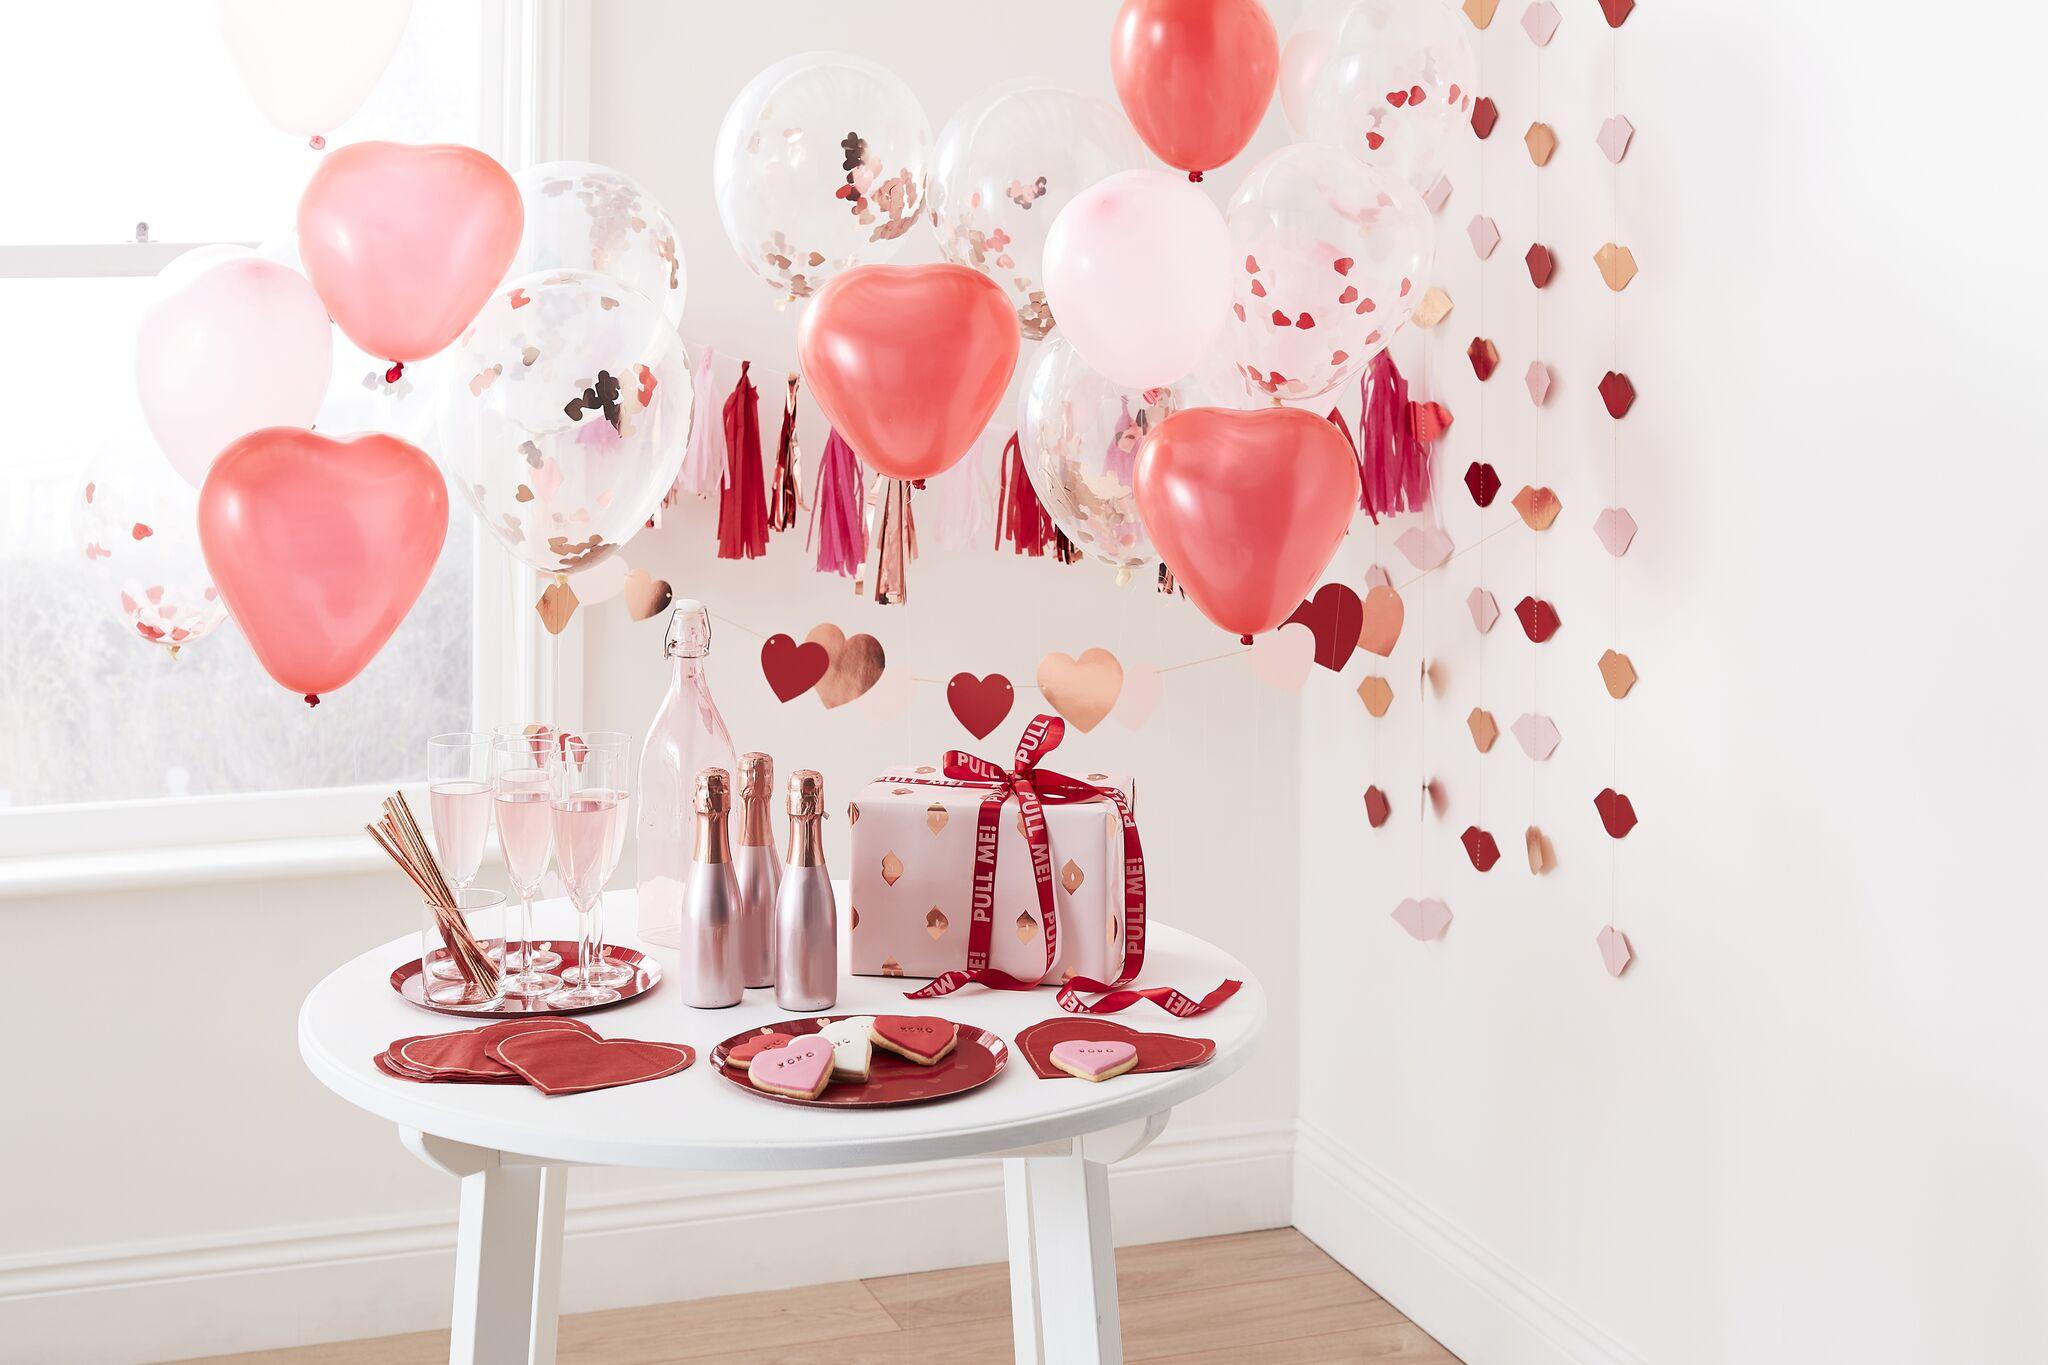 10 Deko- und Geschenkideen zum Valentinstag